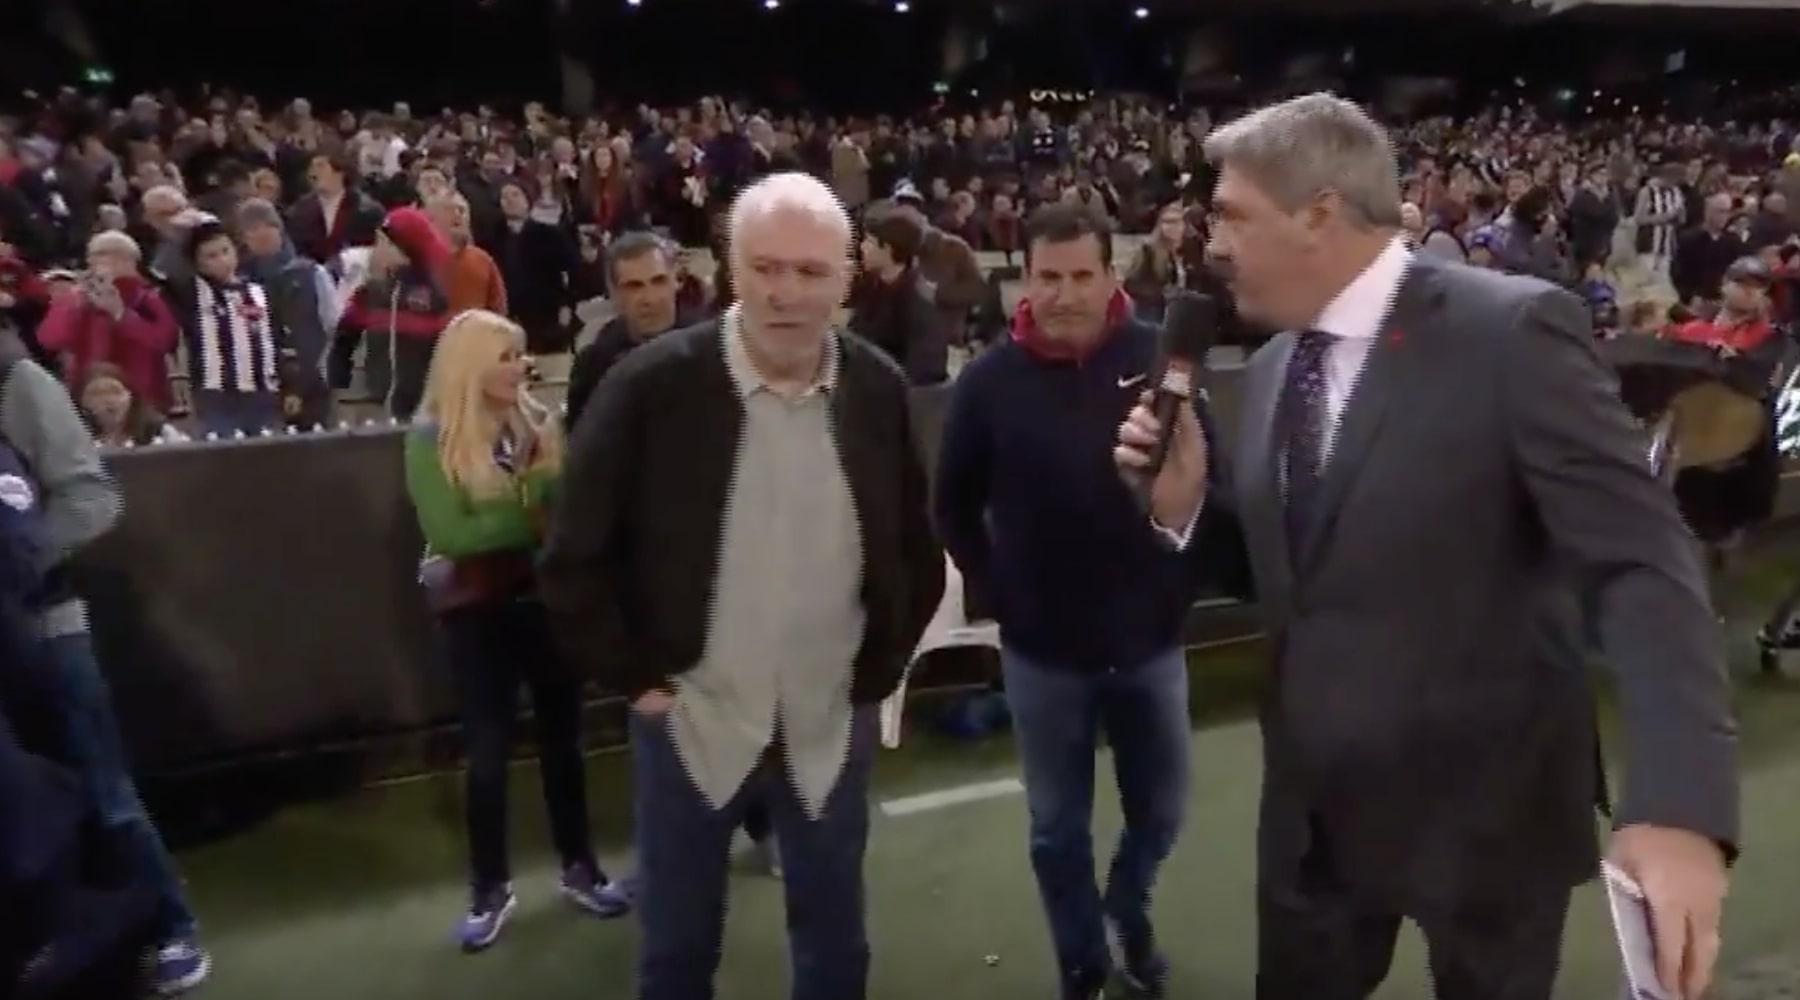 Pop met un gros vent à un journaliste australien